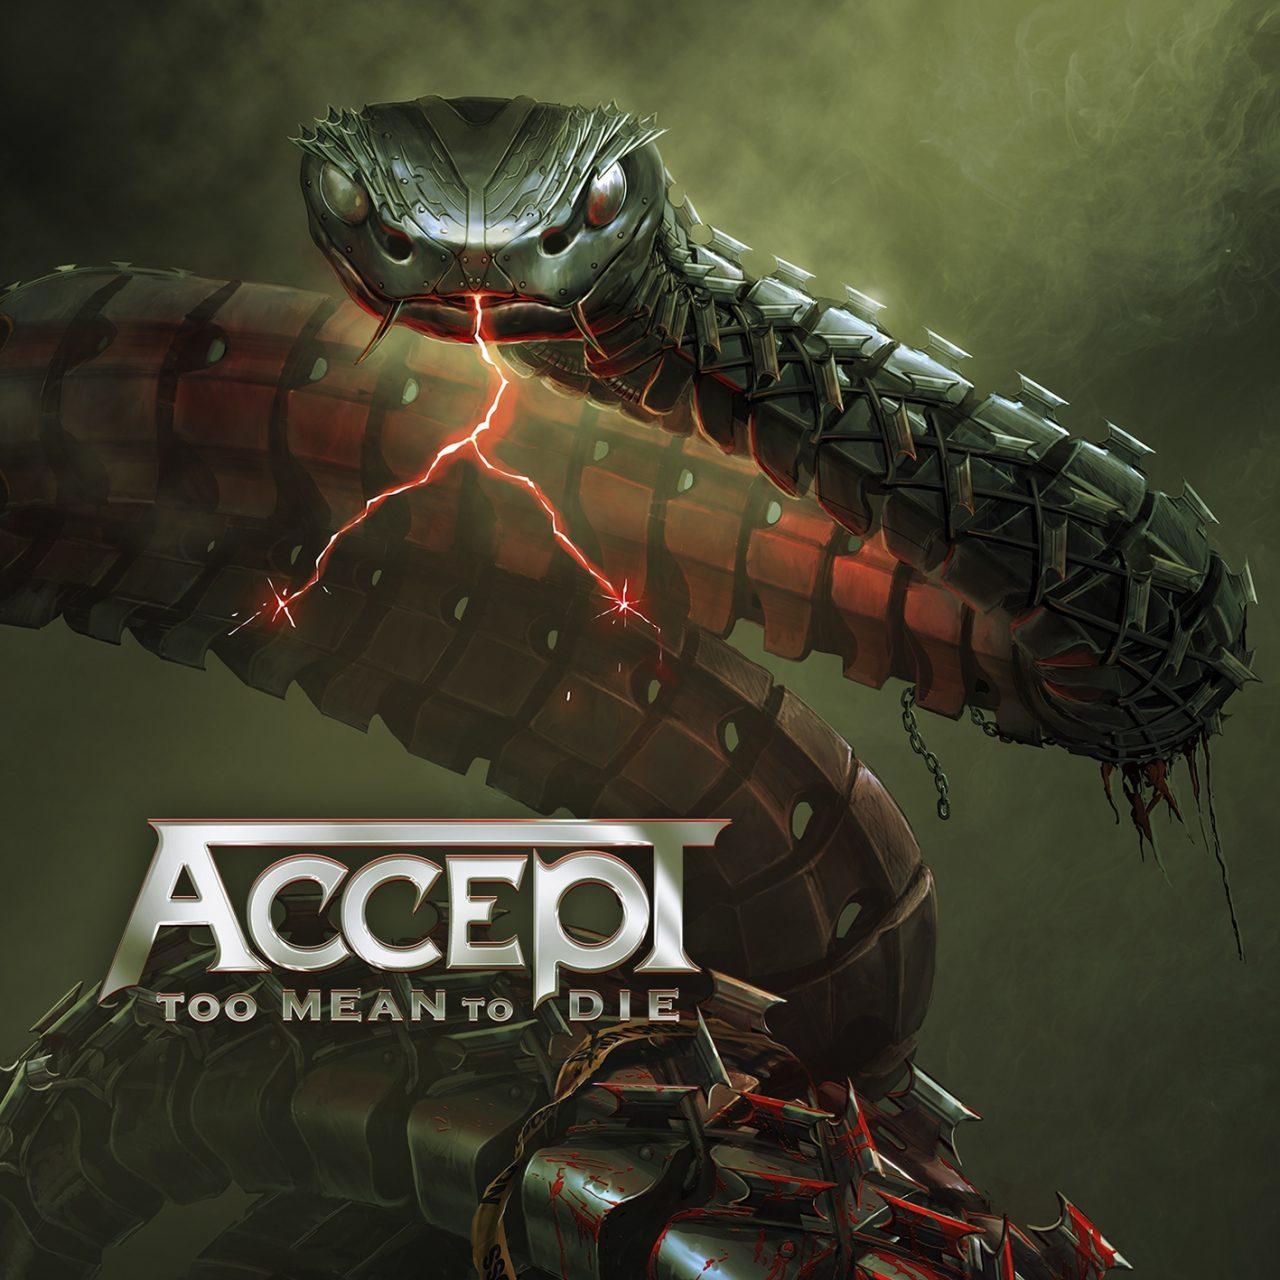 """Auf dem Albumcover von """"Too Mean To Die"""", dem 16. Studioalbum von Accept, ist eine Schlange zu sehen."""